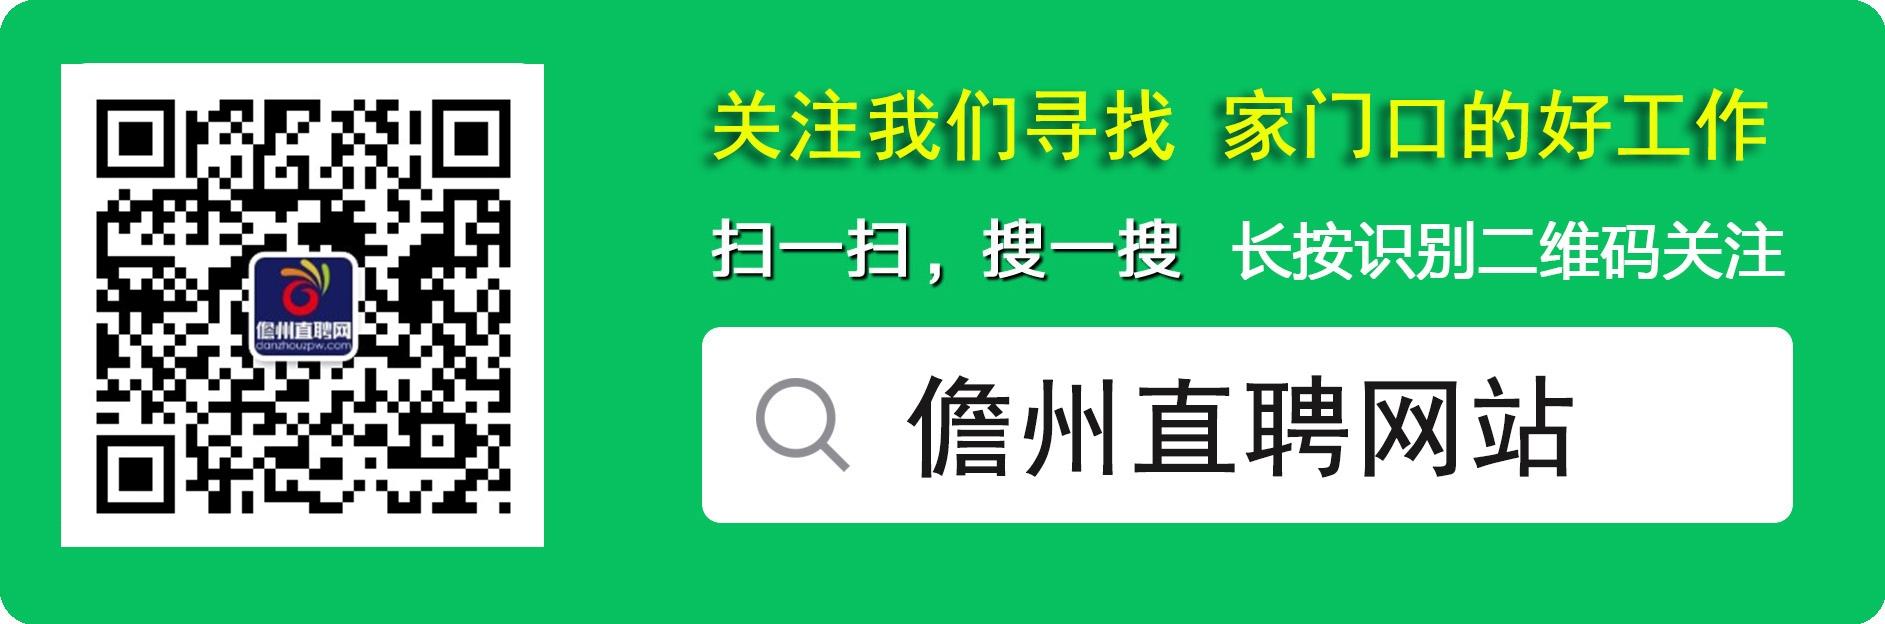 文昌航天城投资公司2020年2月公开招聘